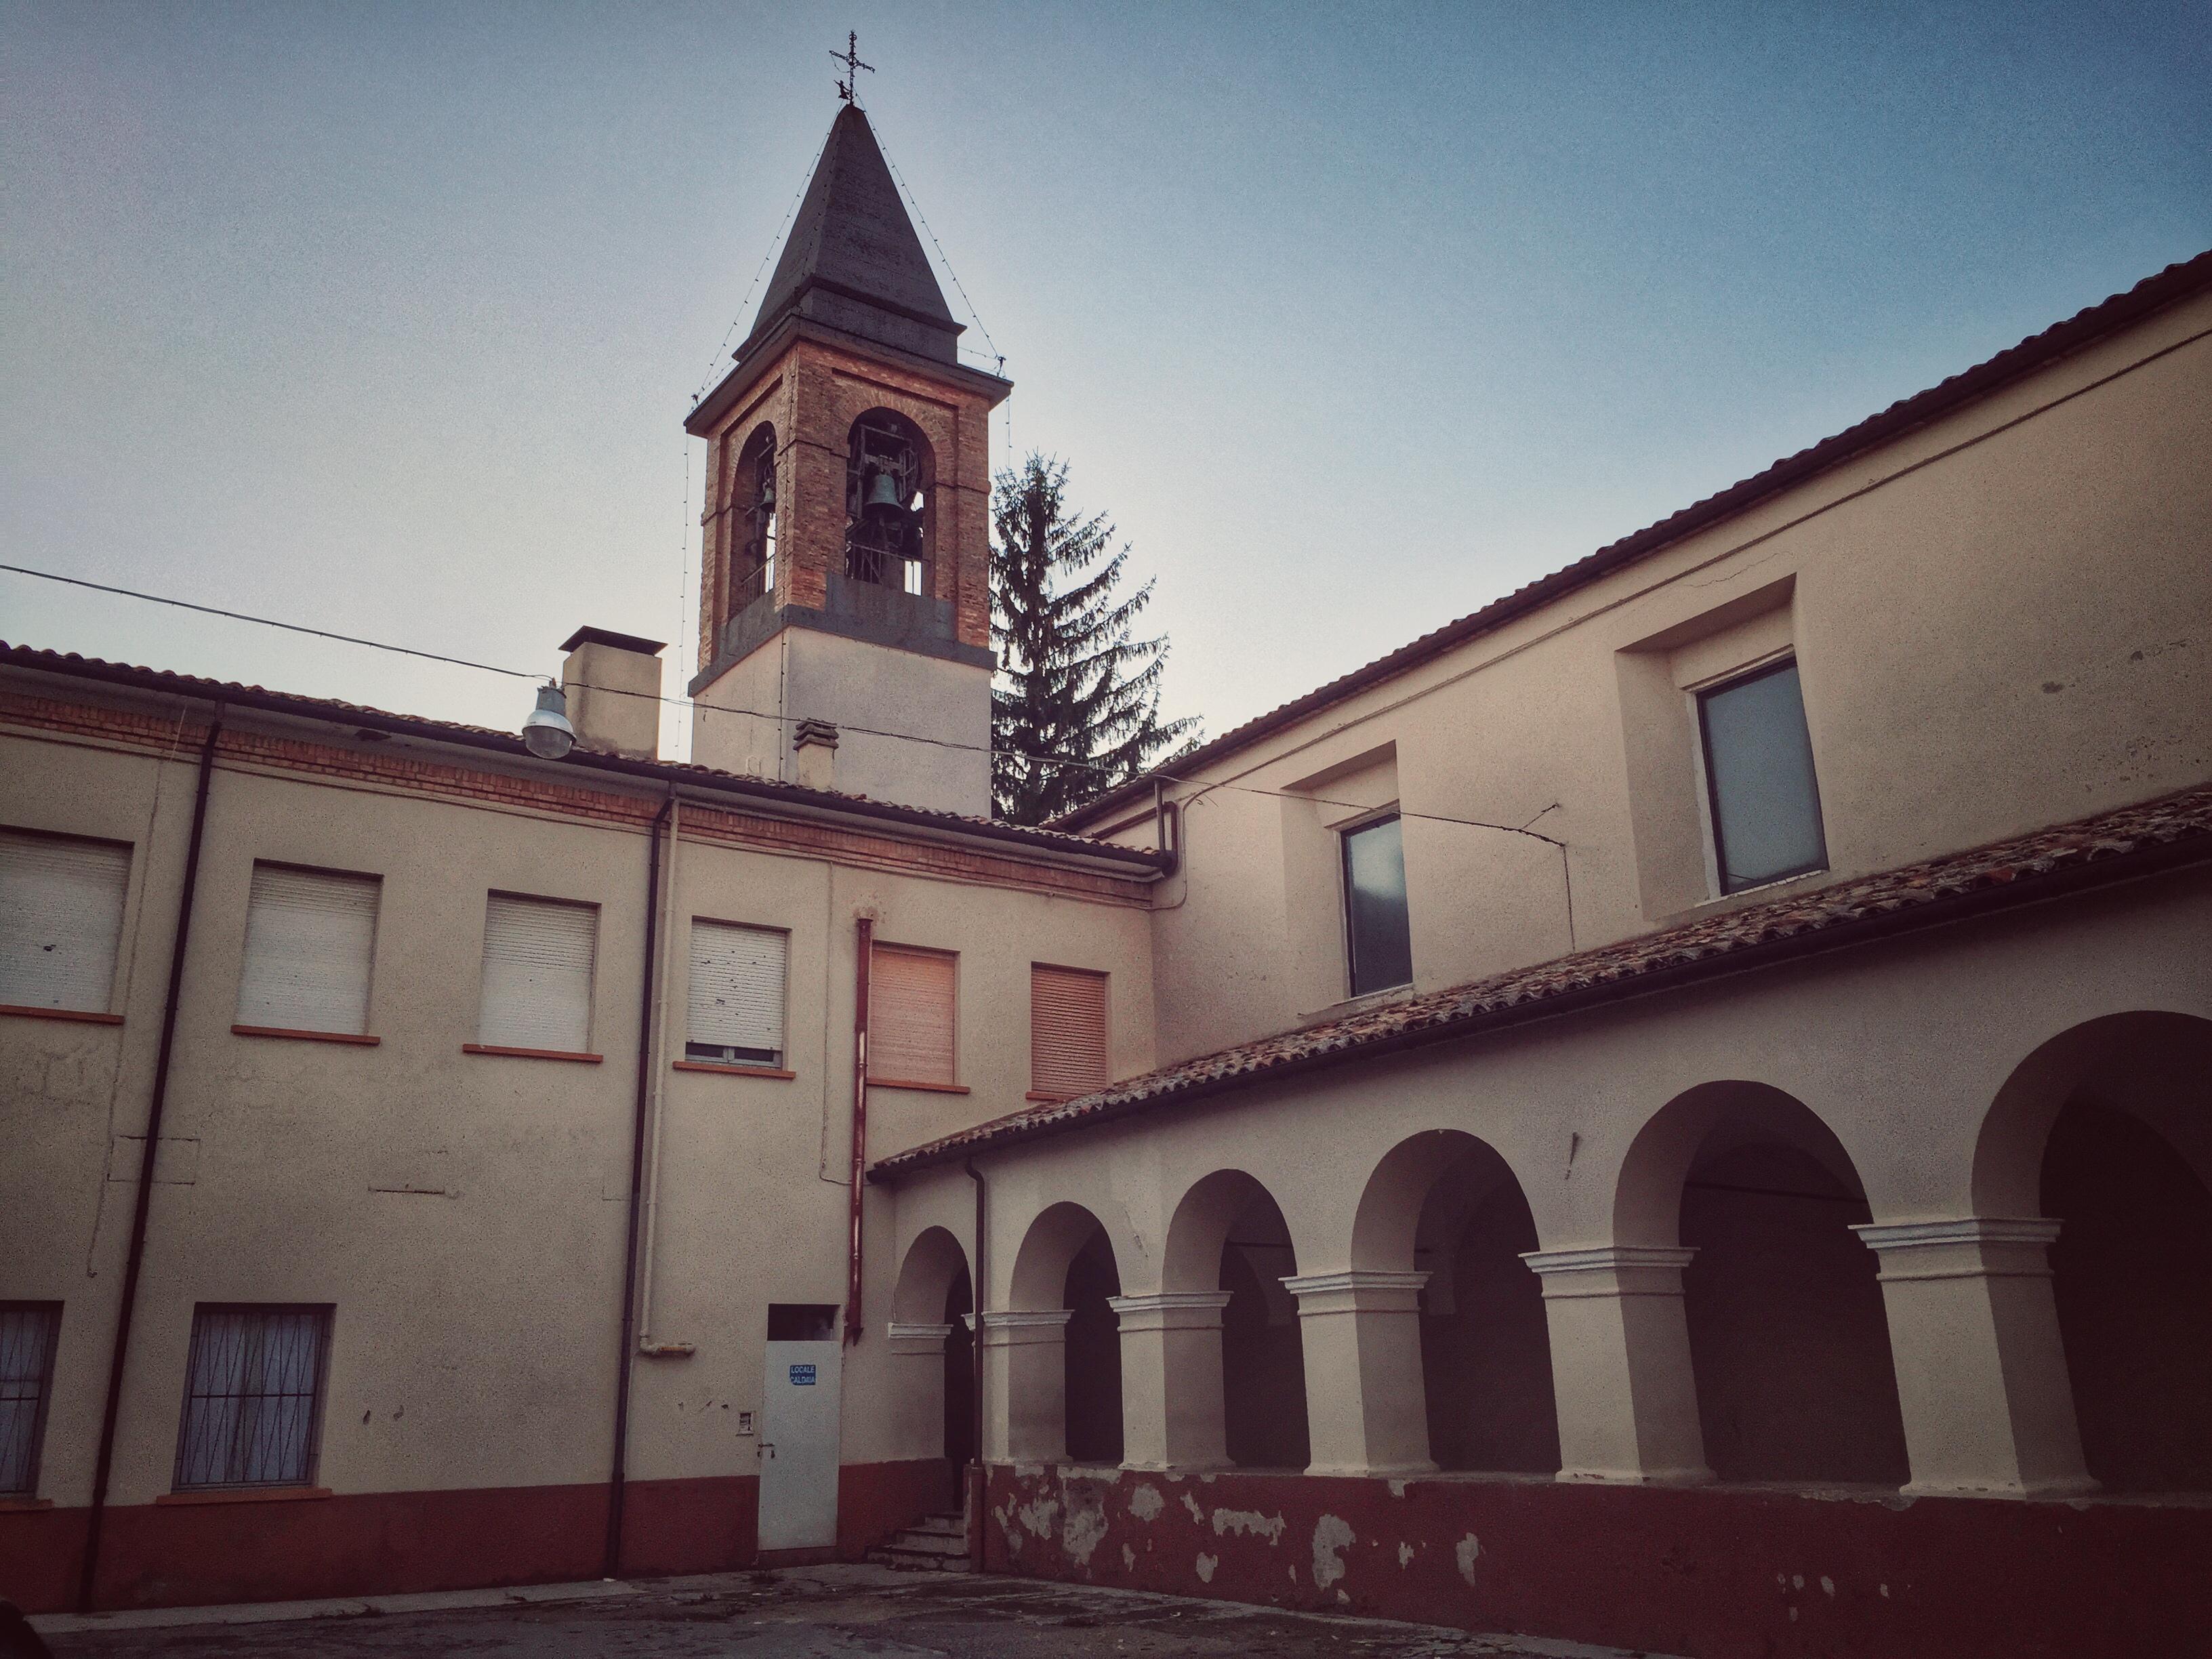 Chiesa di San Nicola a Carpegna